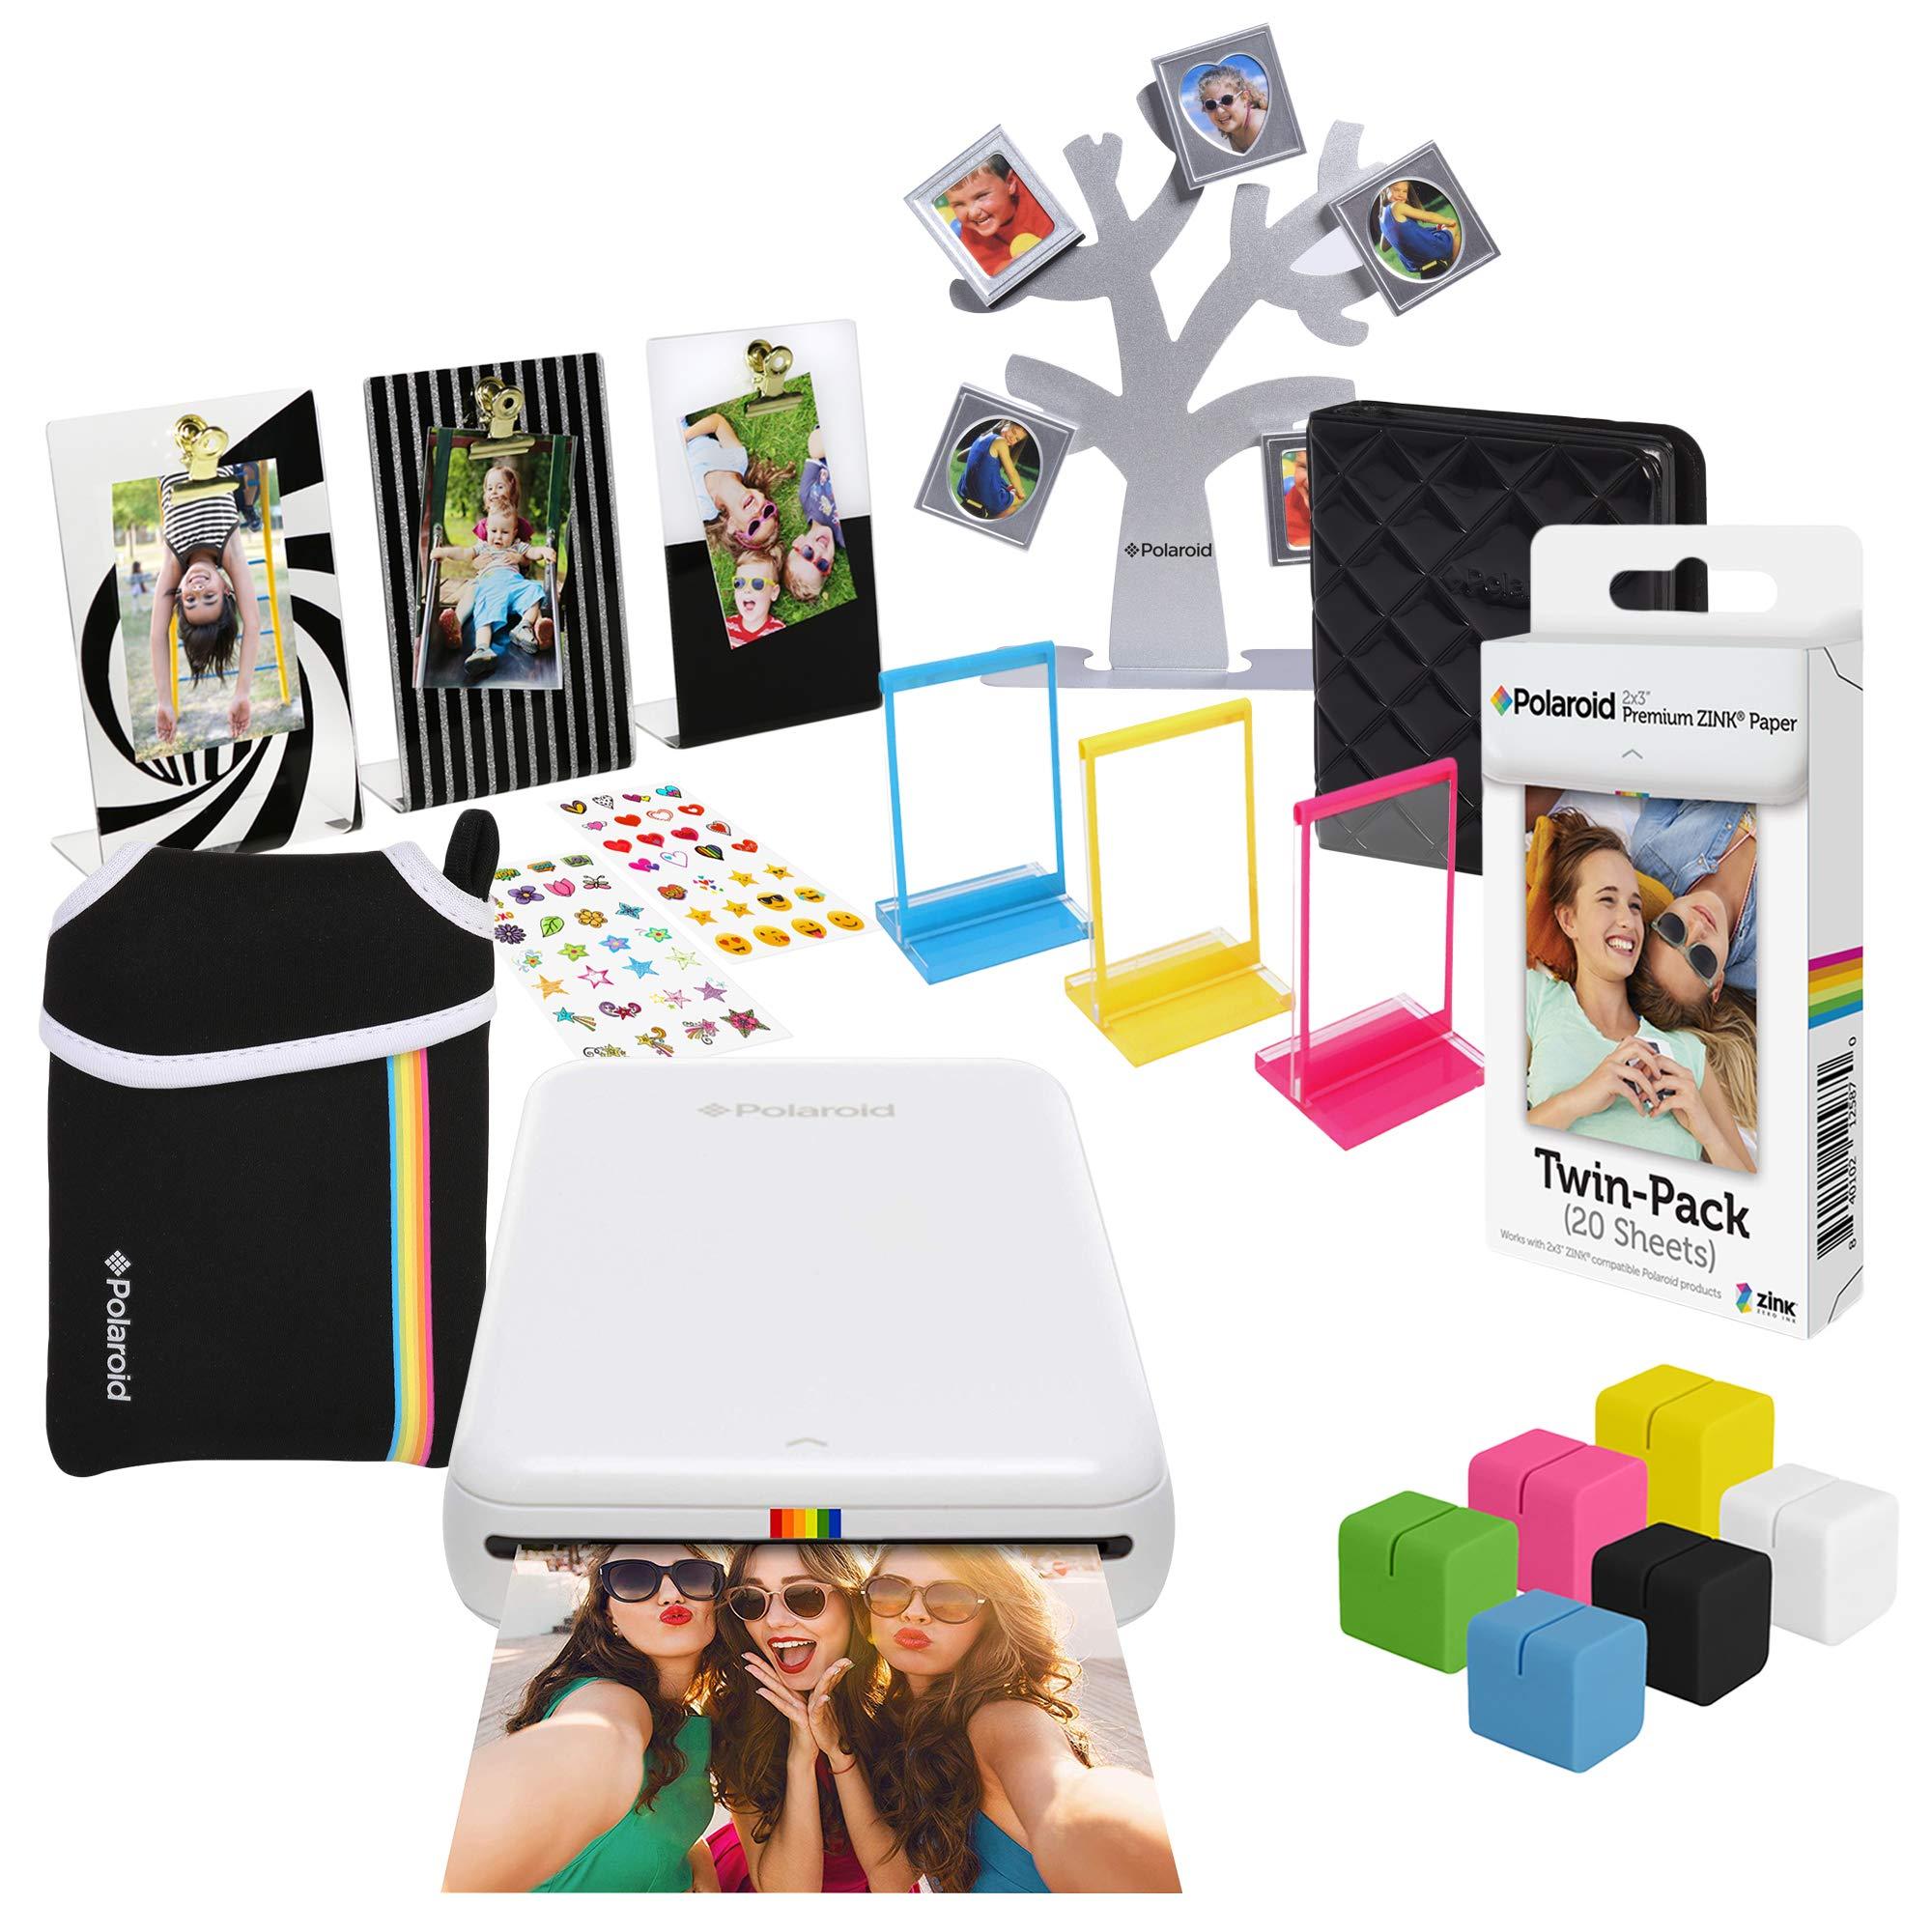 Polaroid Zip Wireless Photo Printer (White) Ultimate Gift Bundle by Polaroid